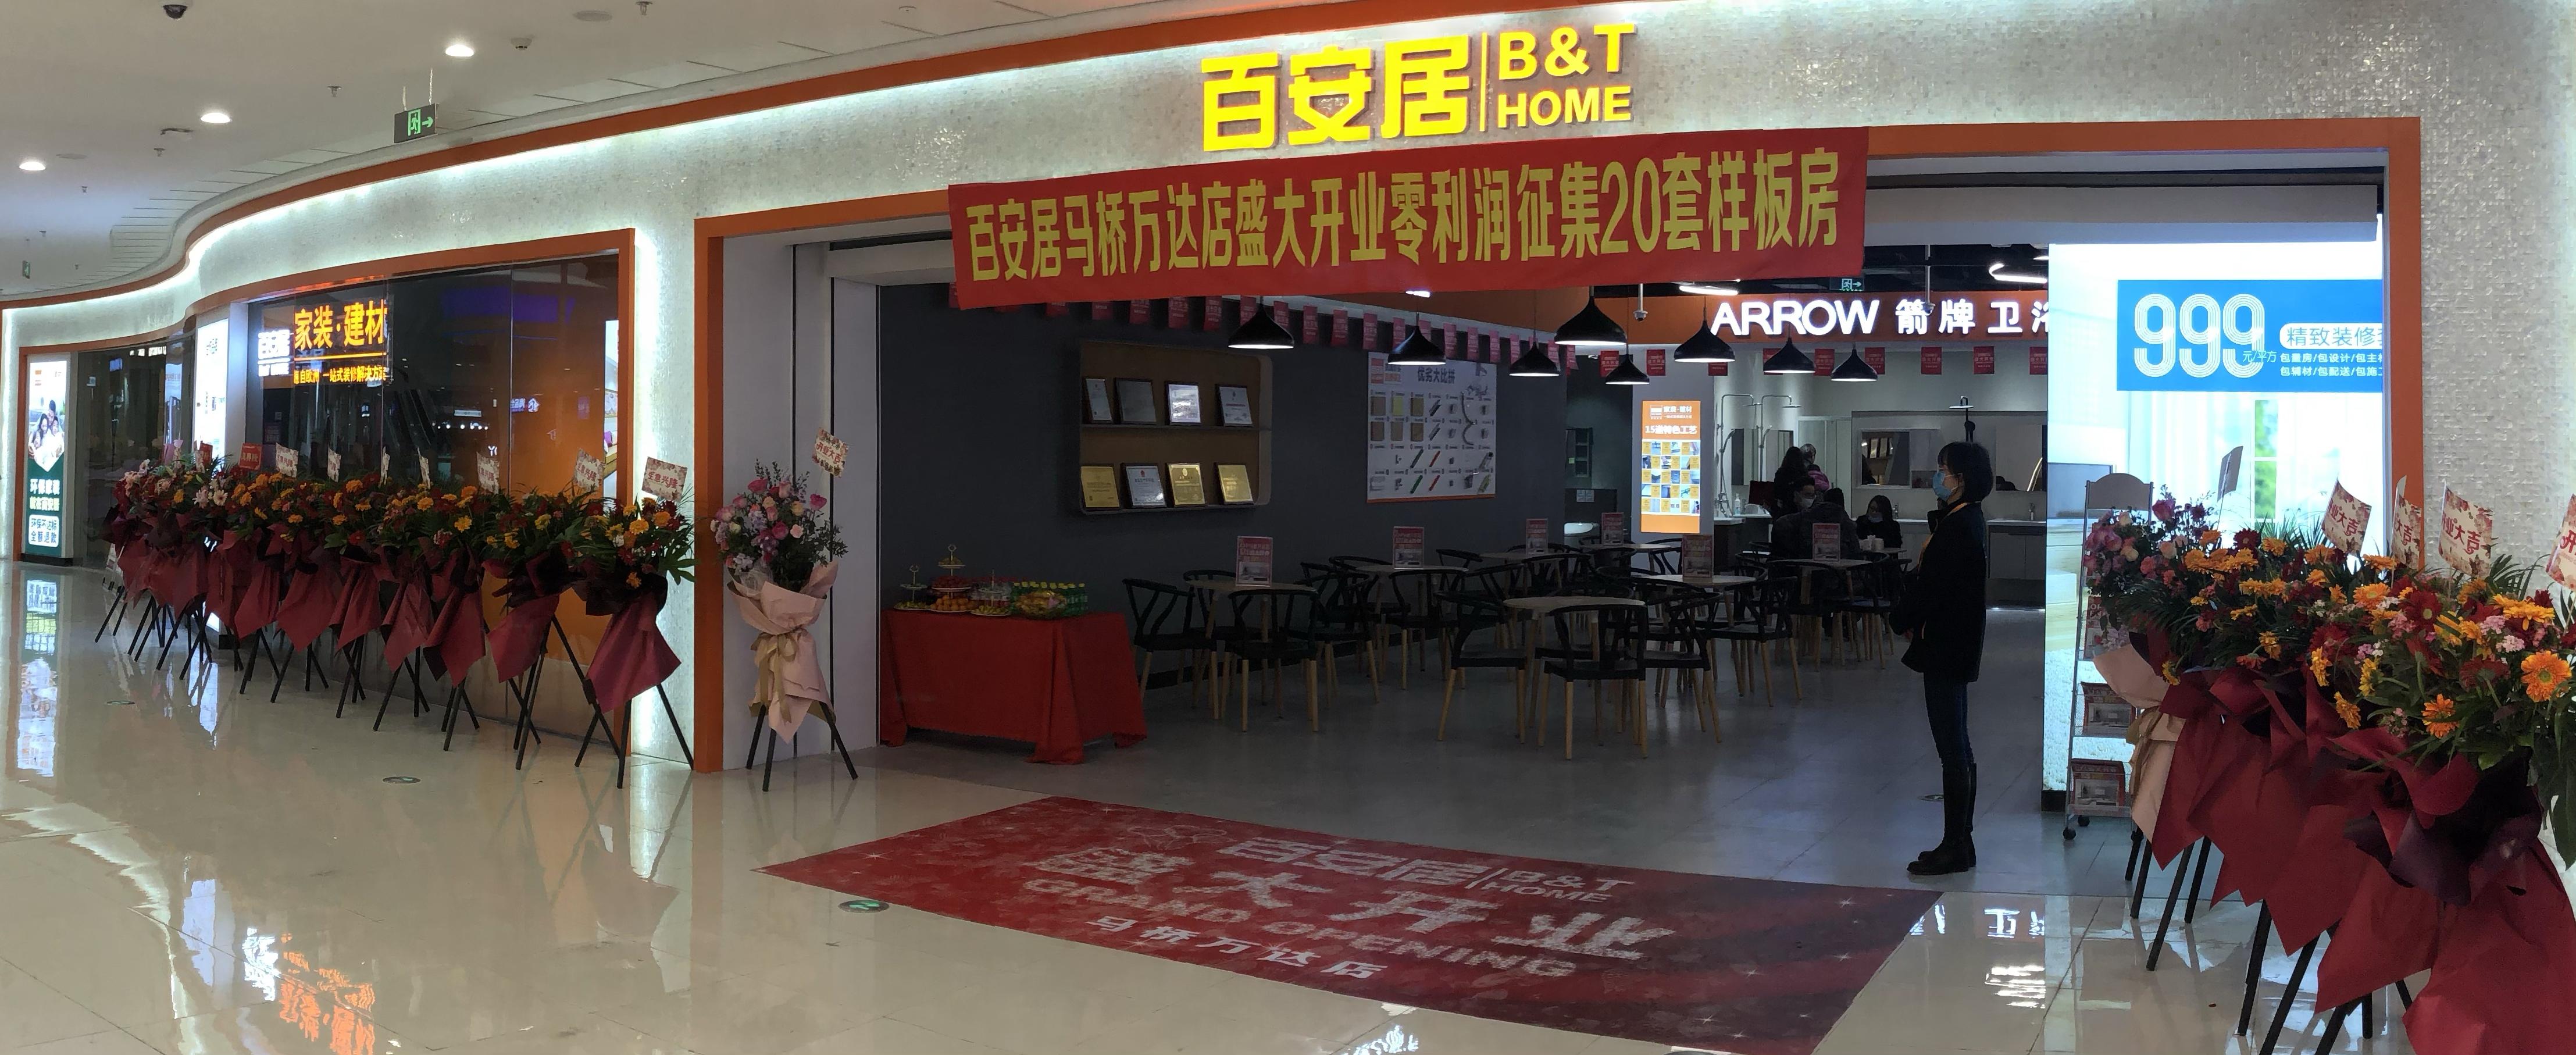 上海马桥万达店